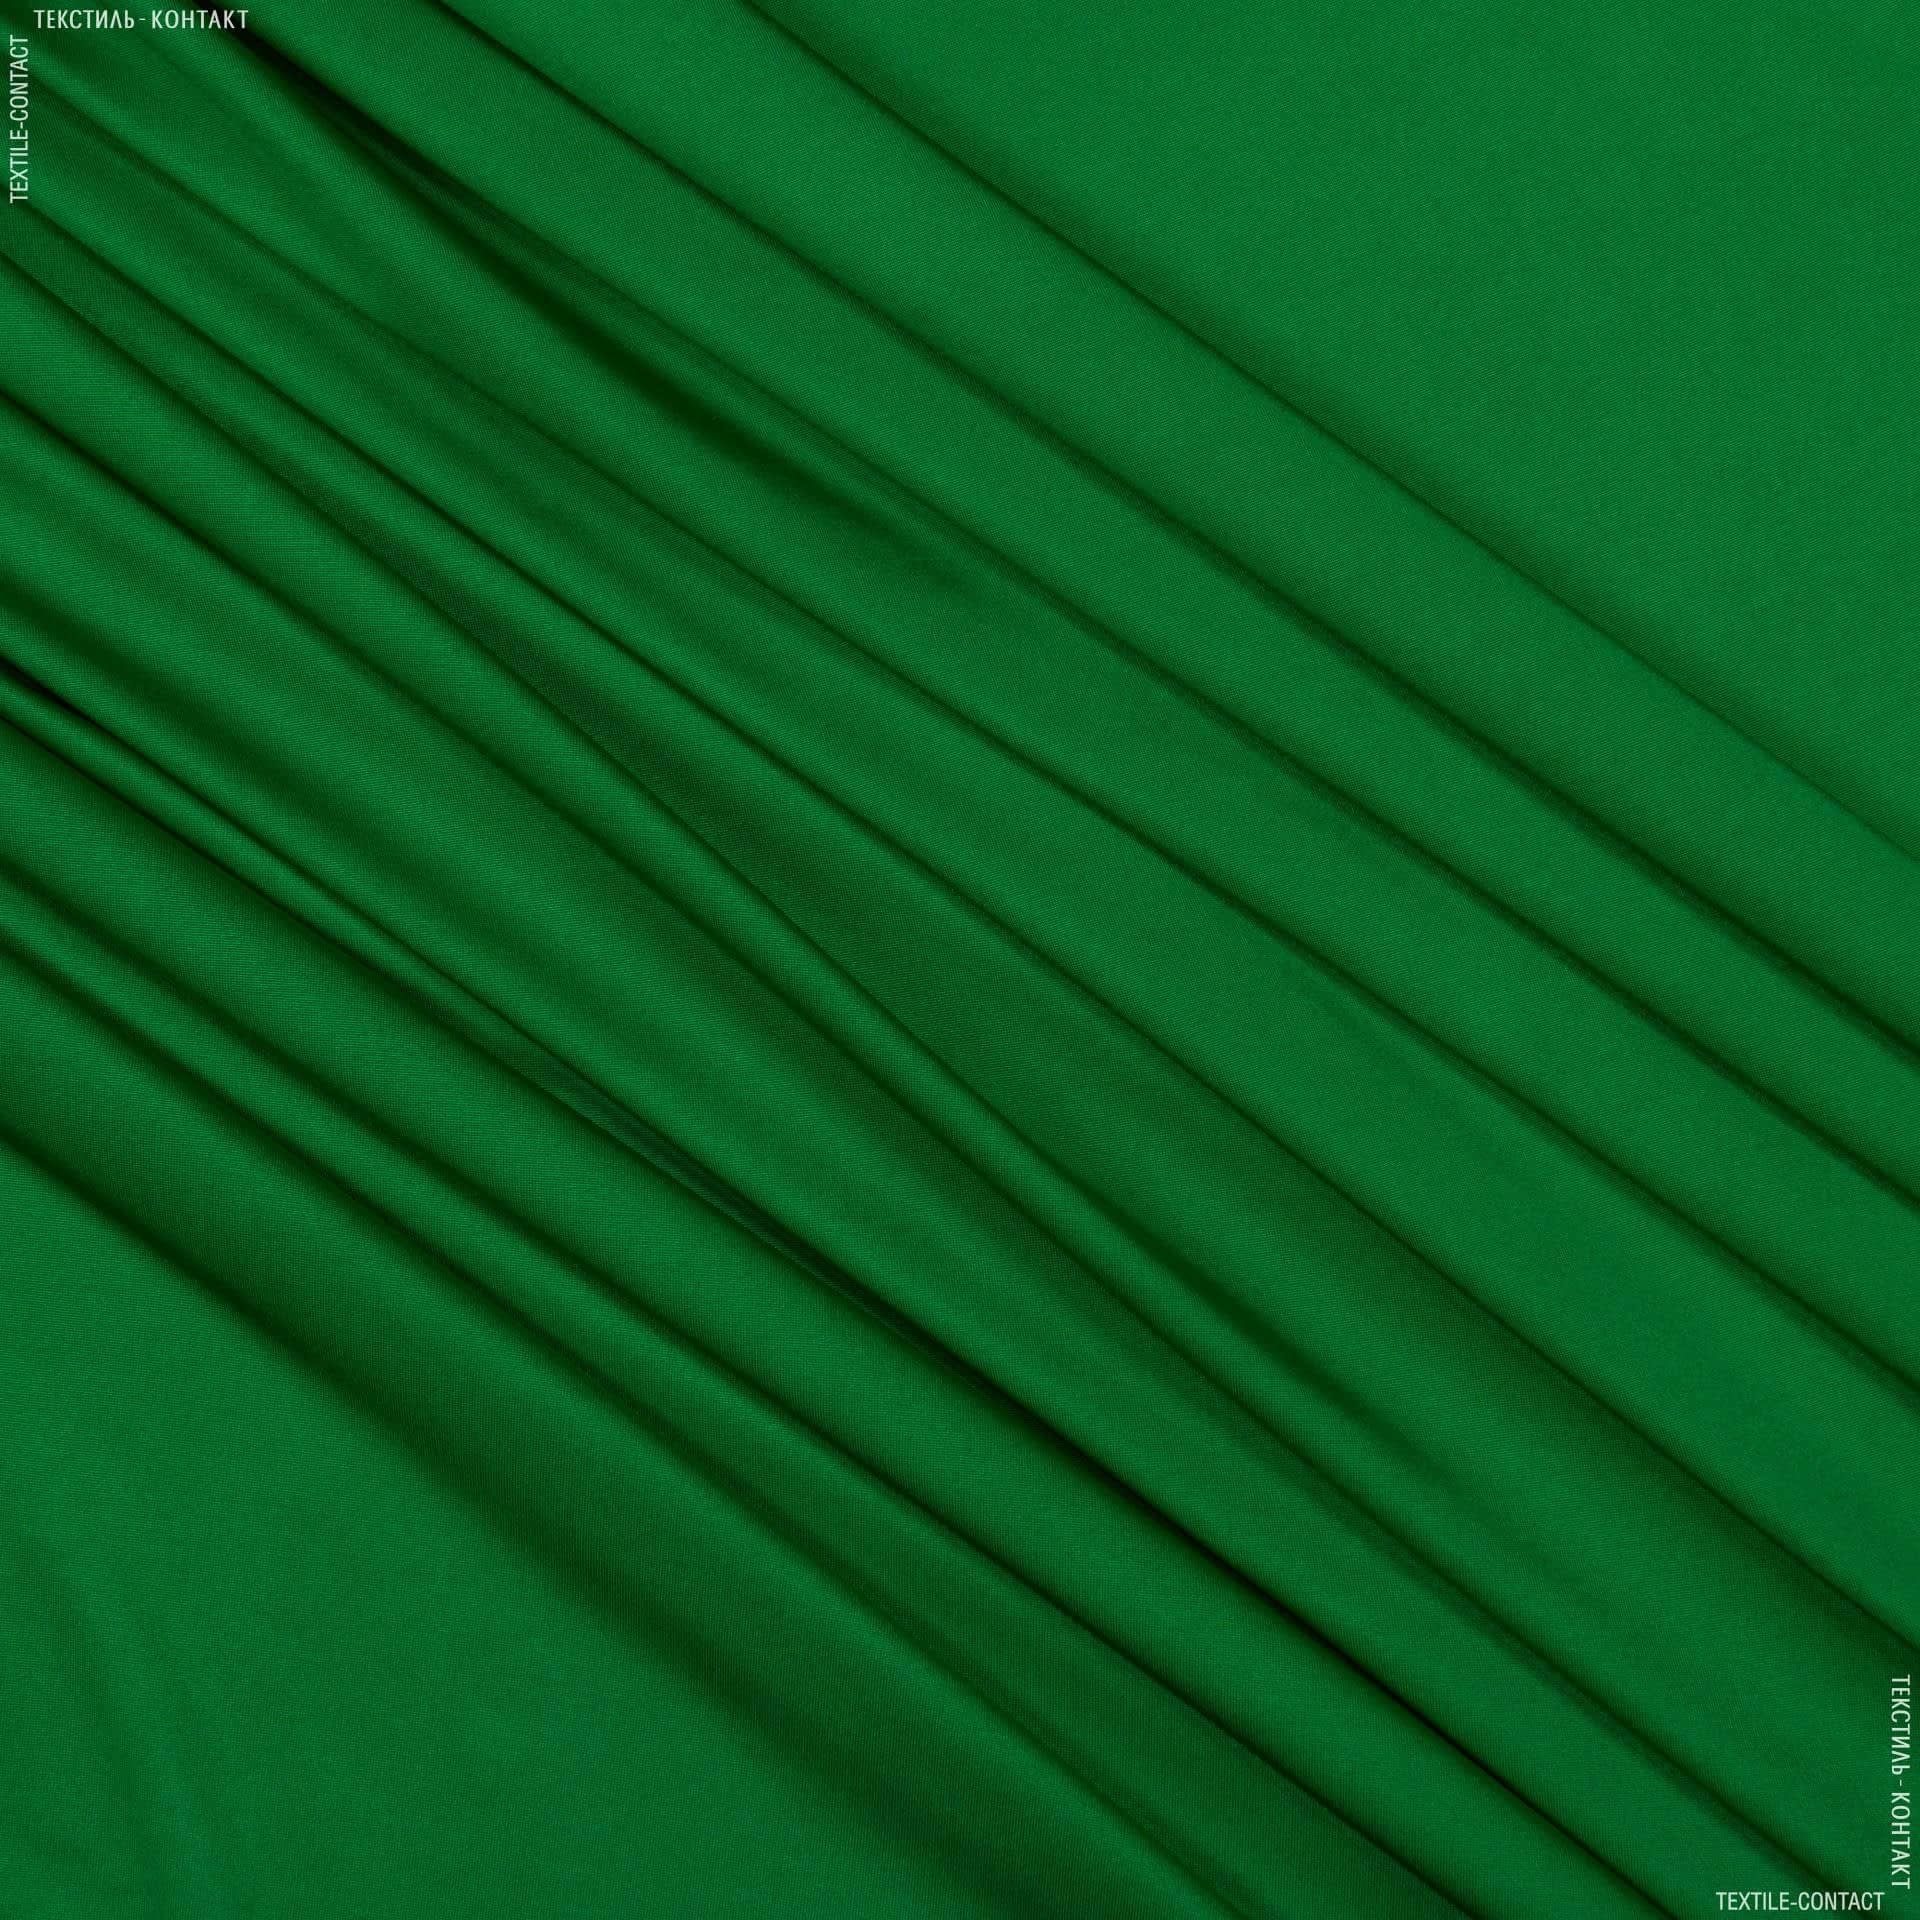 Тканини для суконь - Трикотаж жасмін зелений